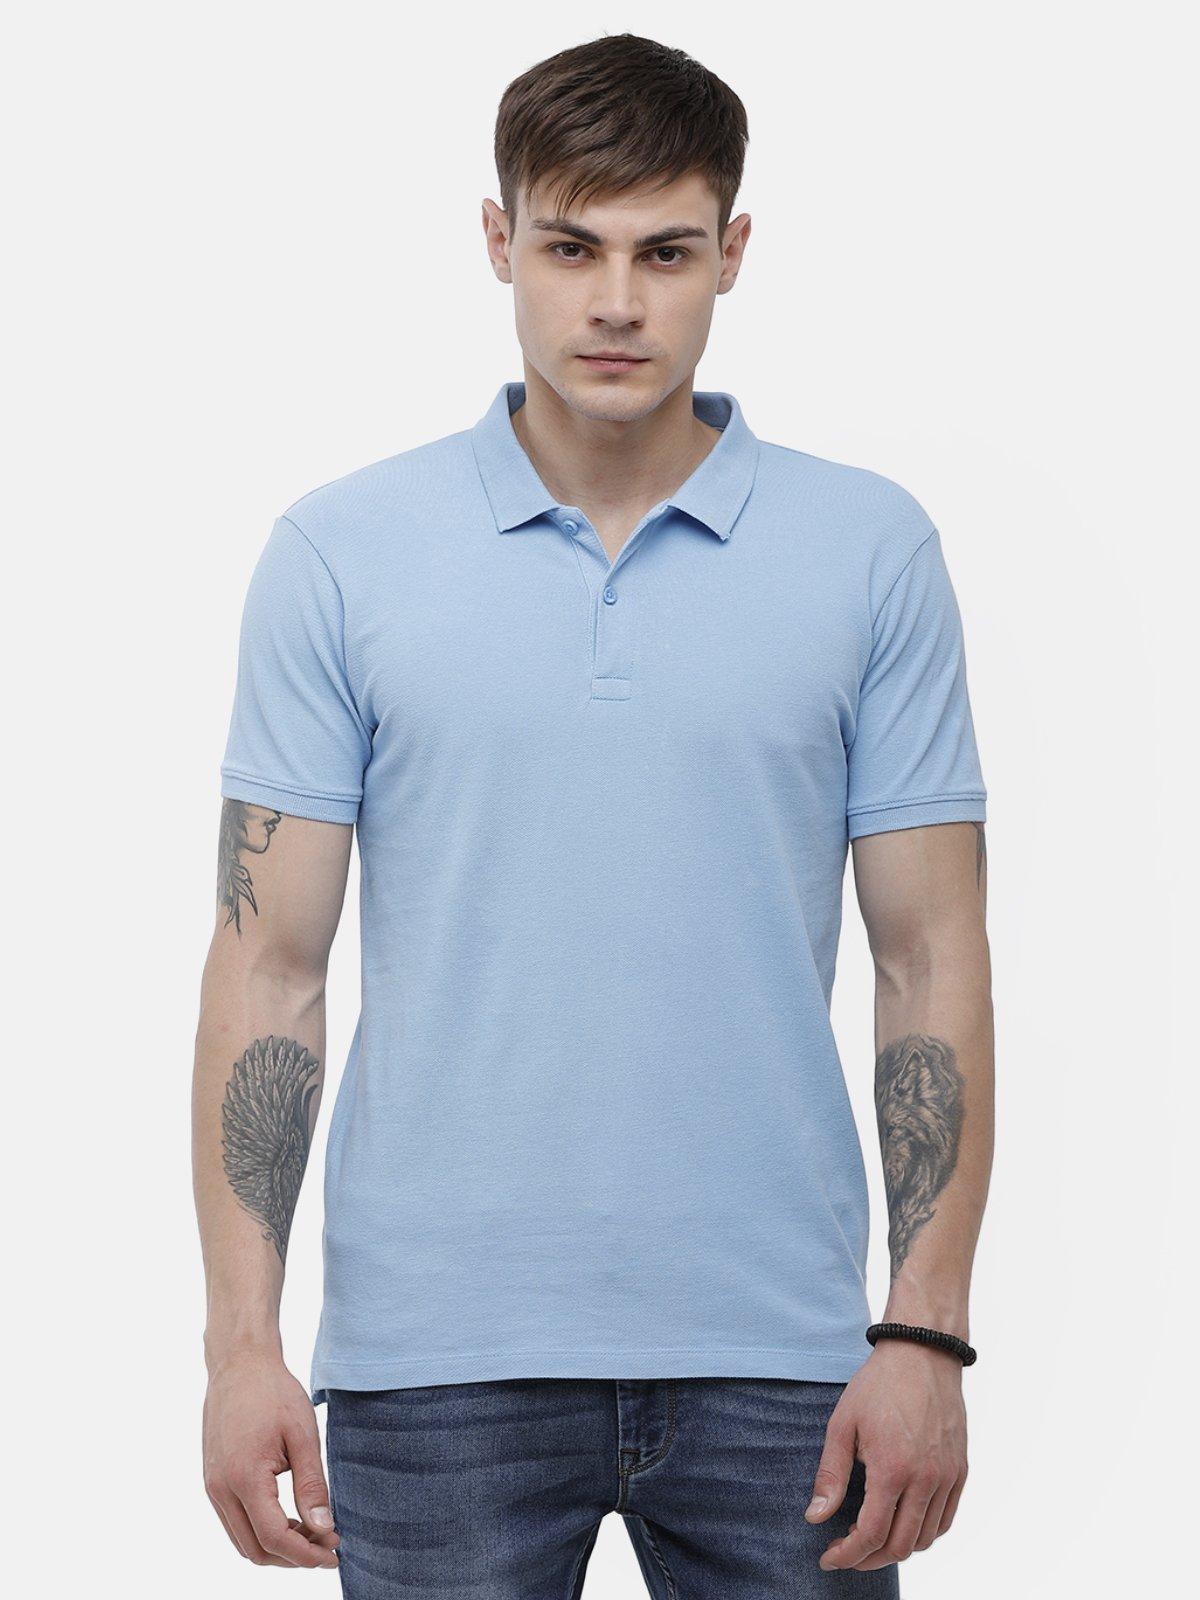 Voi Jeans | Dust Blue T-Shirt ( VOTS1572)